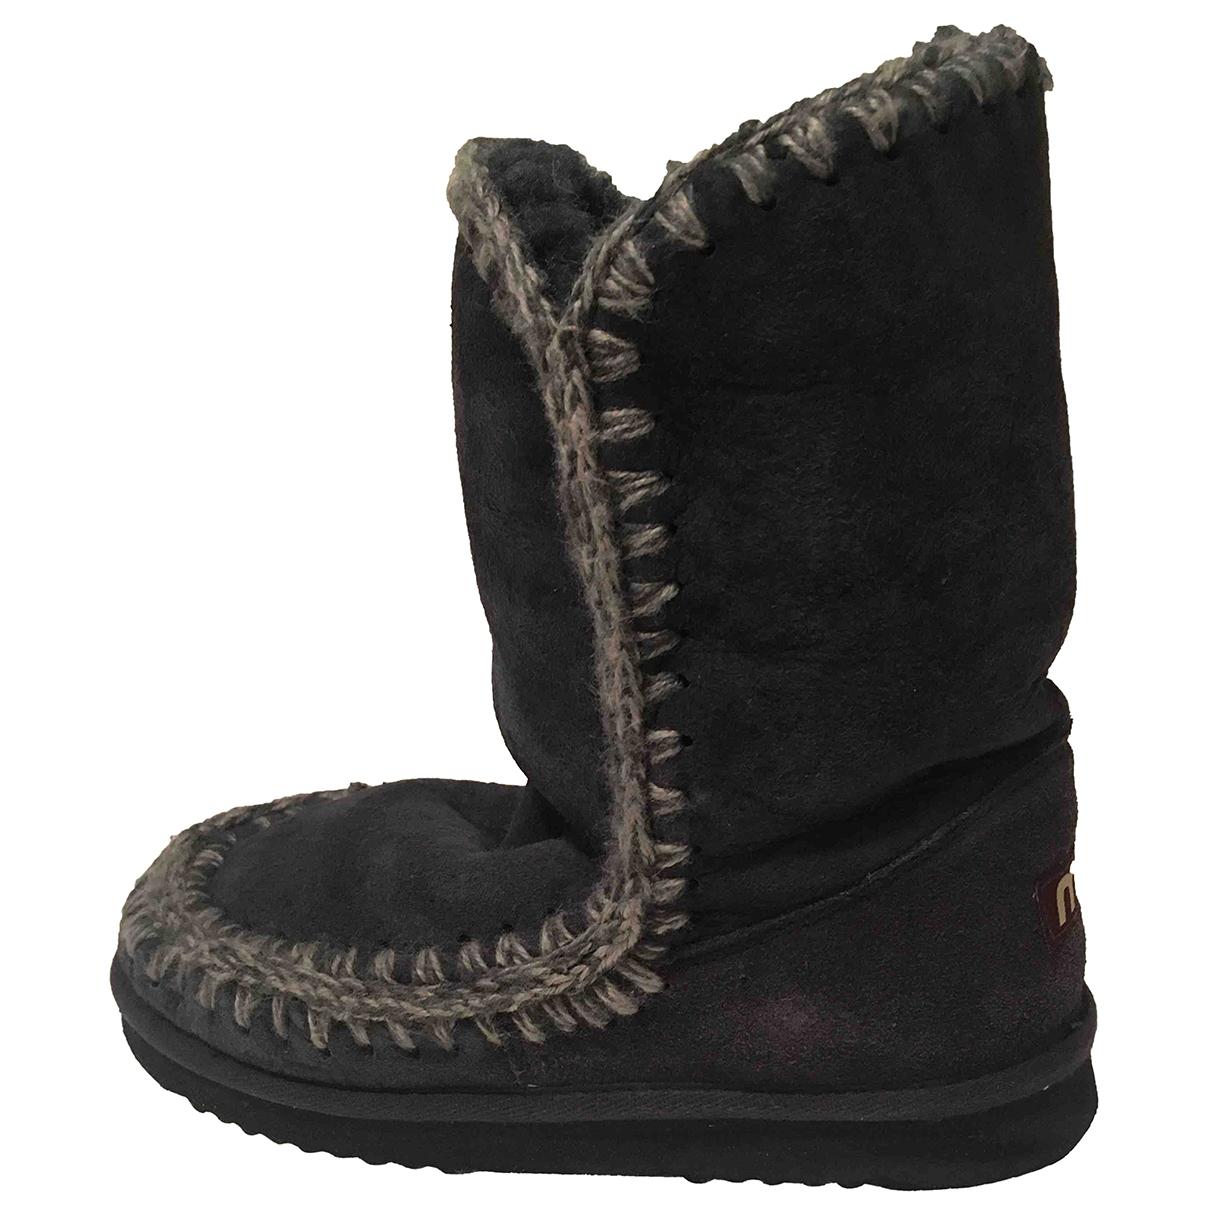 Mou - Boots   pour femme en mouton - bleu